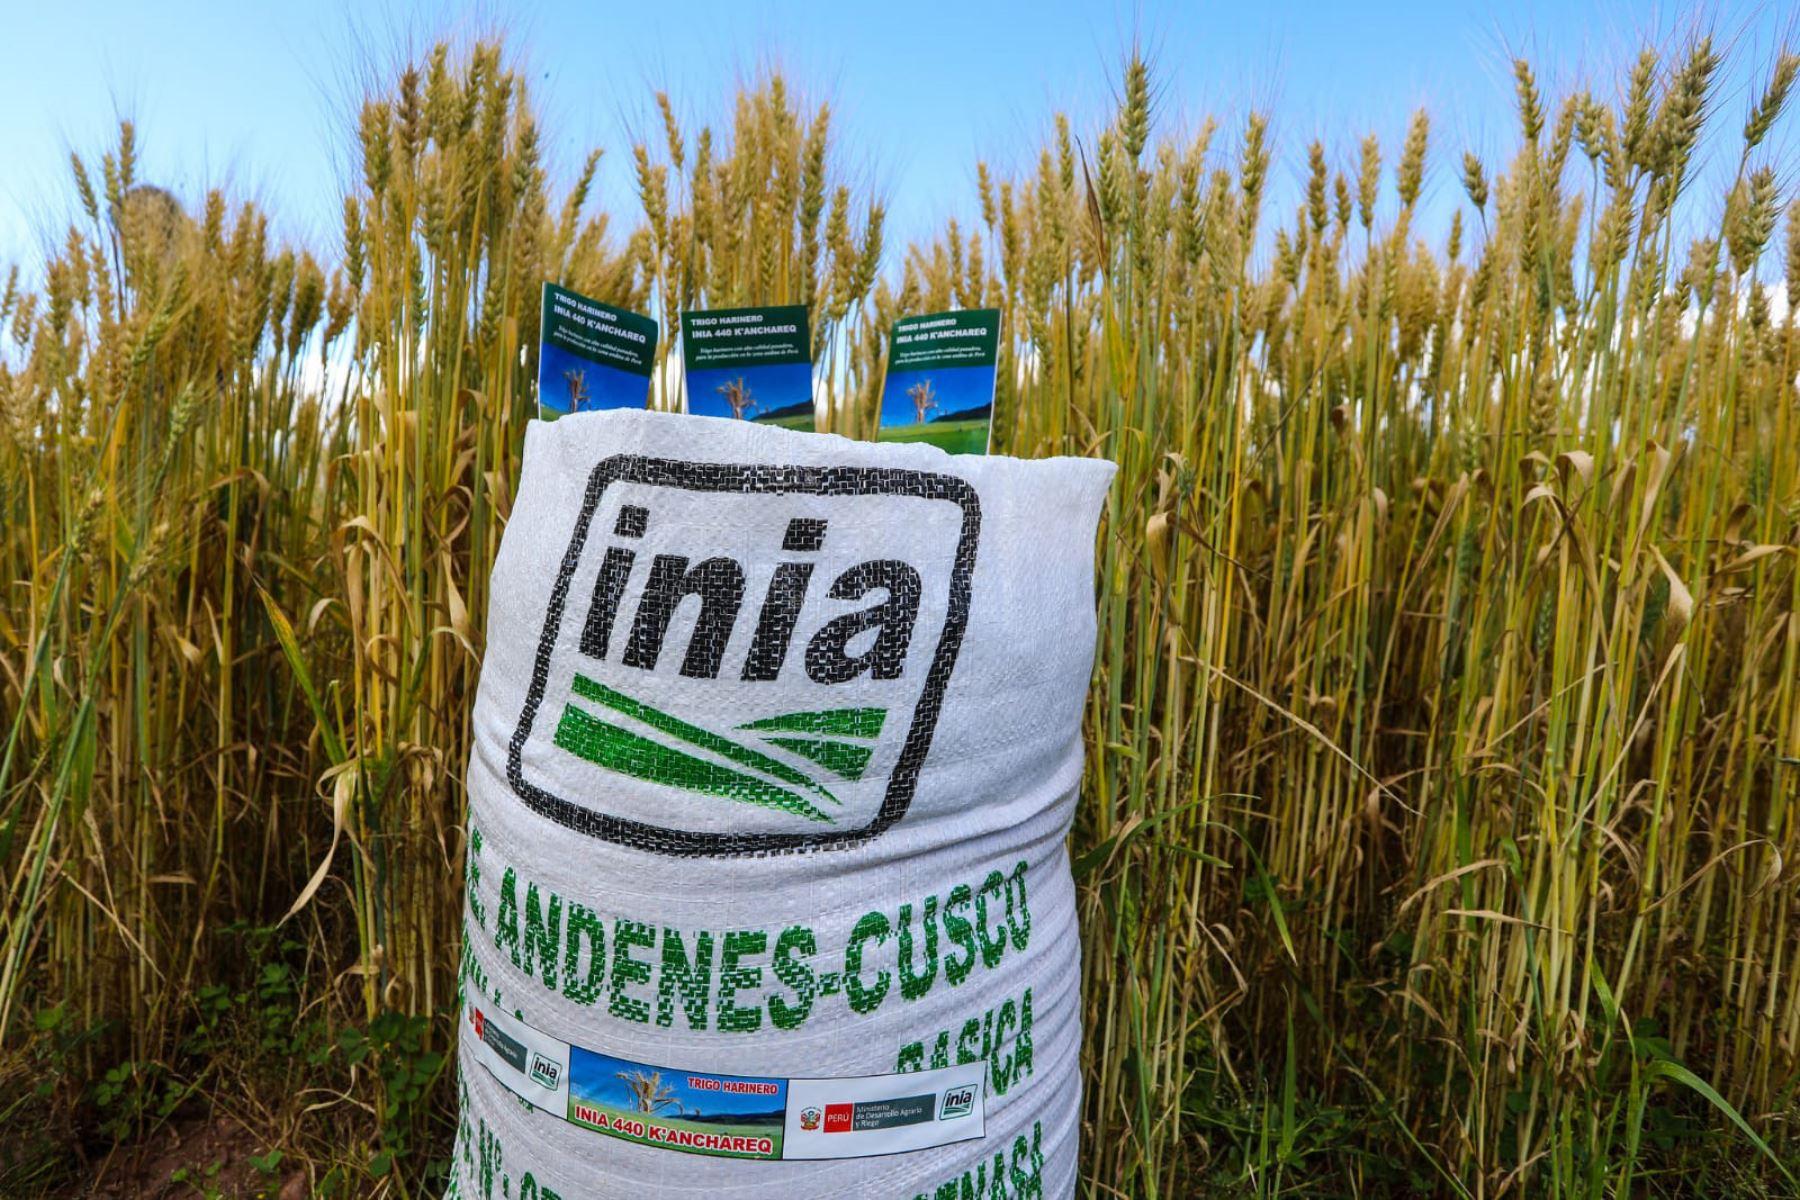 Tras 10 años de investigación nació el trigo harinero 440-Kanchared, resistente a enfermedades del cultivo y estrés hídrico. Foto: ANDINA/Midagri